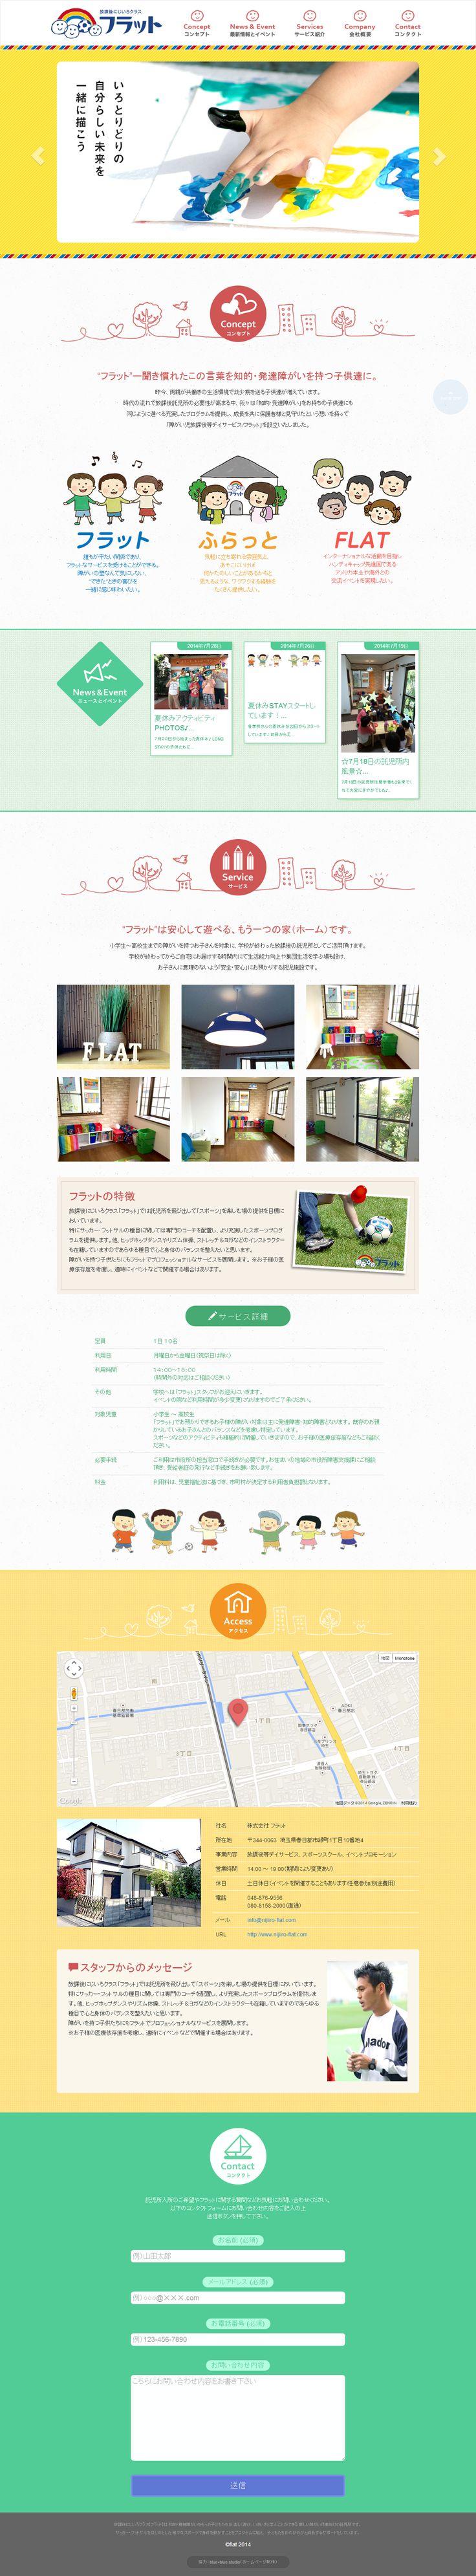 放課後にじいろクラス【フラット】 - http://nijiiro-flat.com/